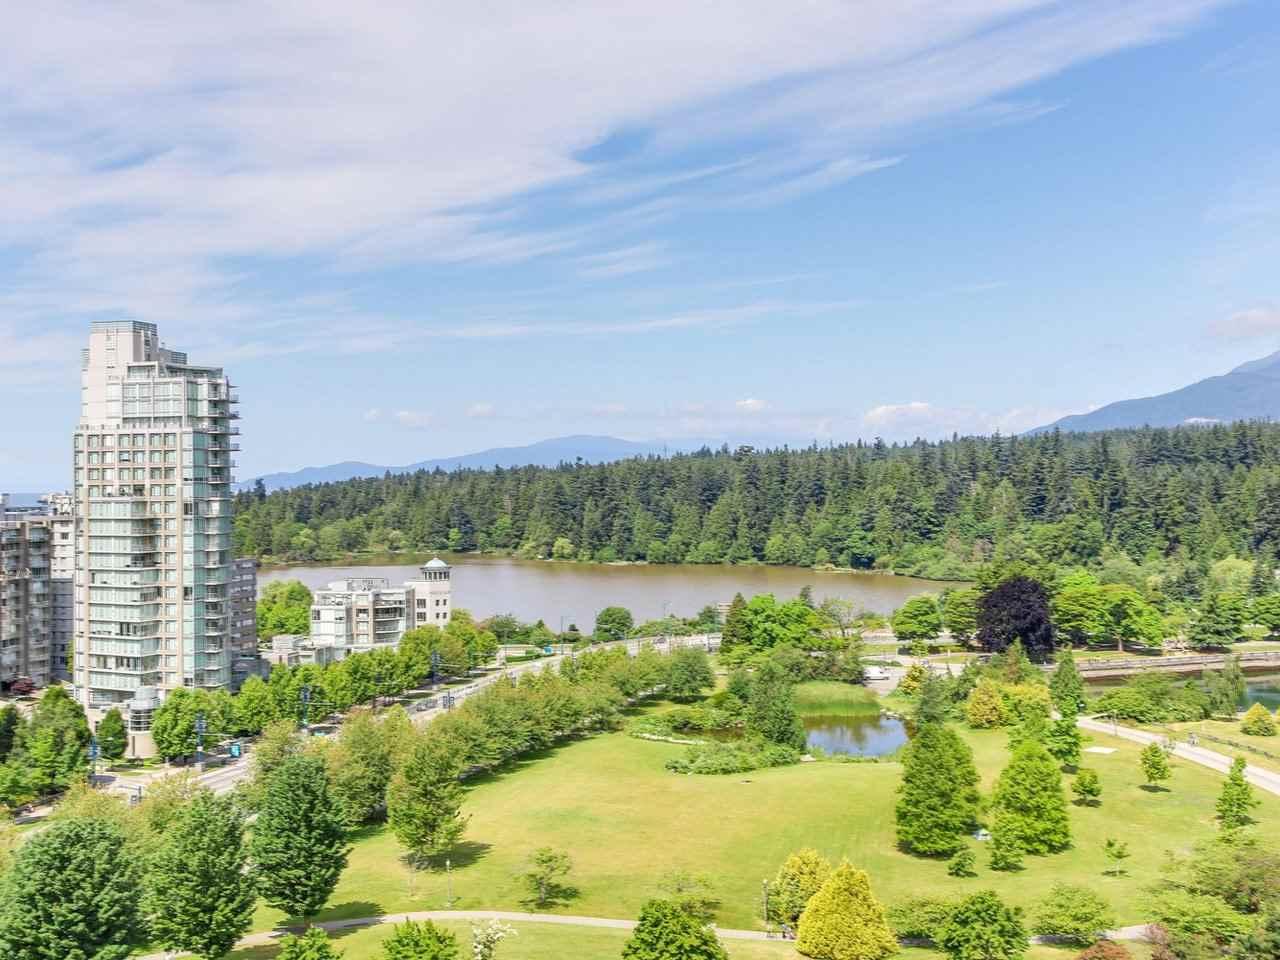 Condo Apartment at PH2 1777 BAYSHORE DRIVE, Unit PH2, Vancouver West, British Columbia. Image 3